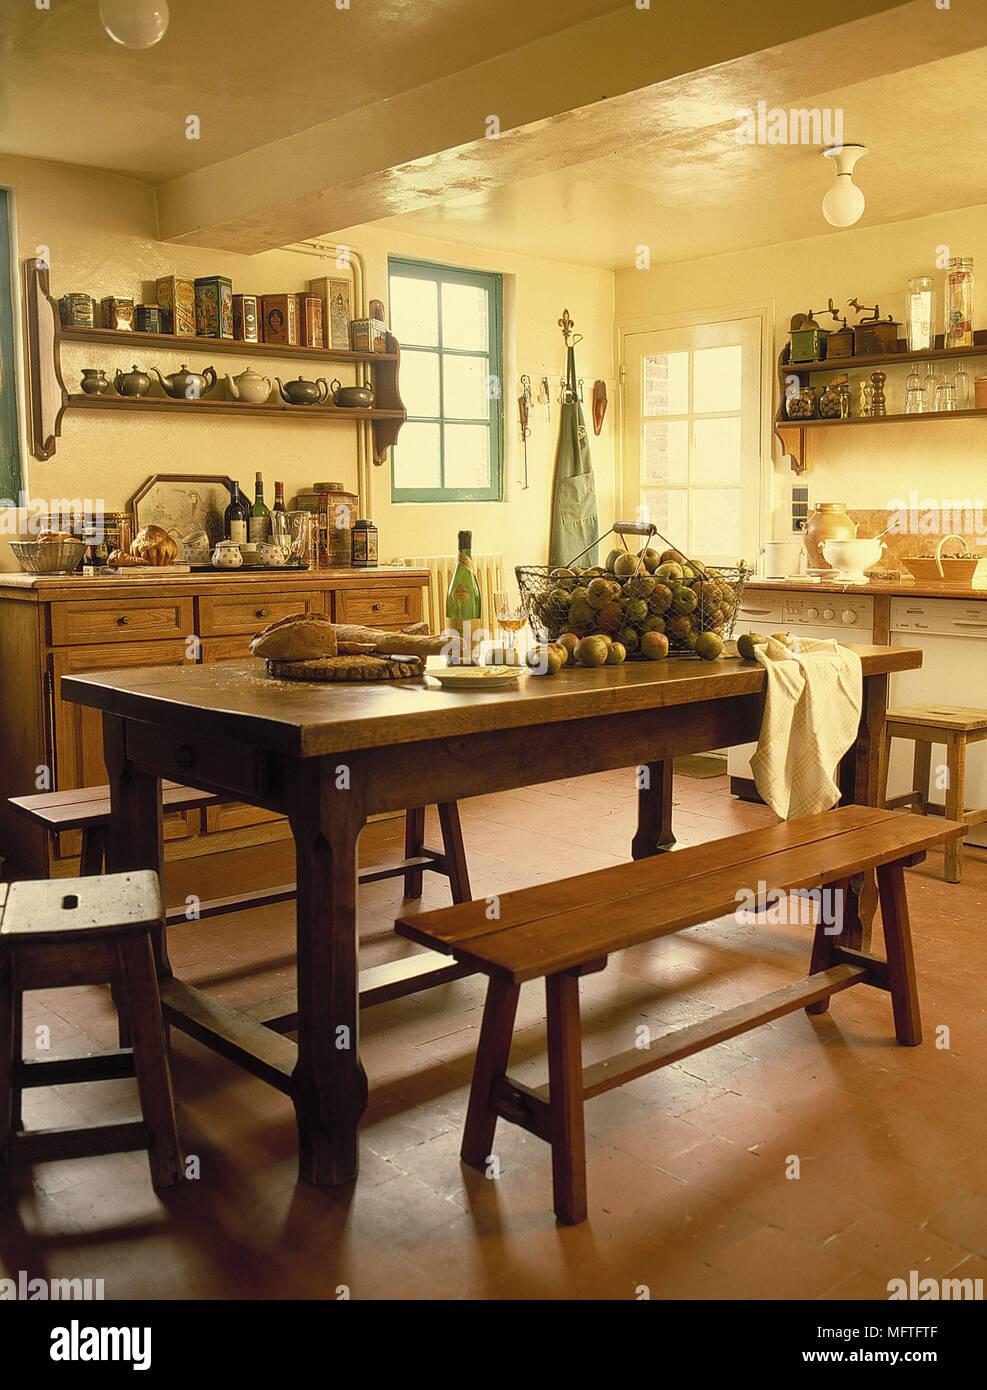 Comedor tradicional paredes amarillas de madera estantes llenos de unidades  interiores cocinas taburetes banqueta mesa colgante de techo país botellas  de ... 39b5ceae5c63